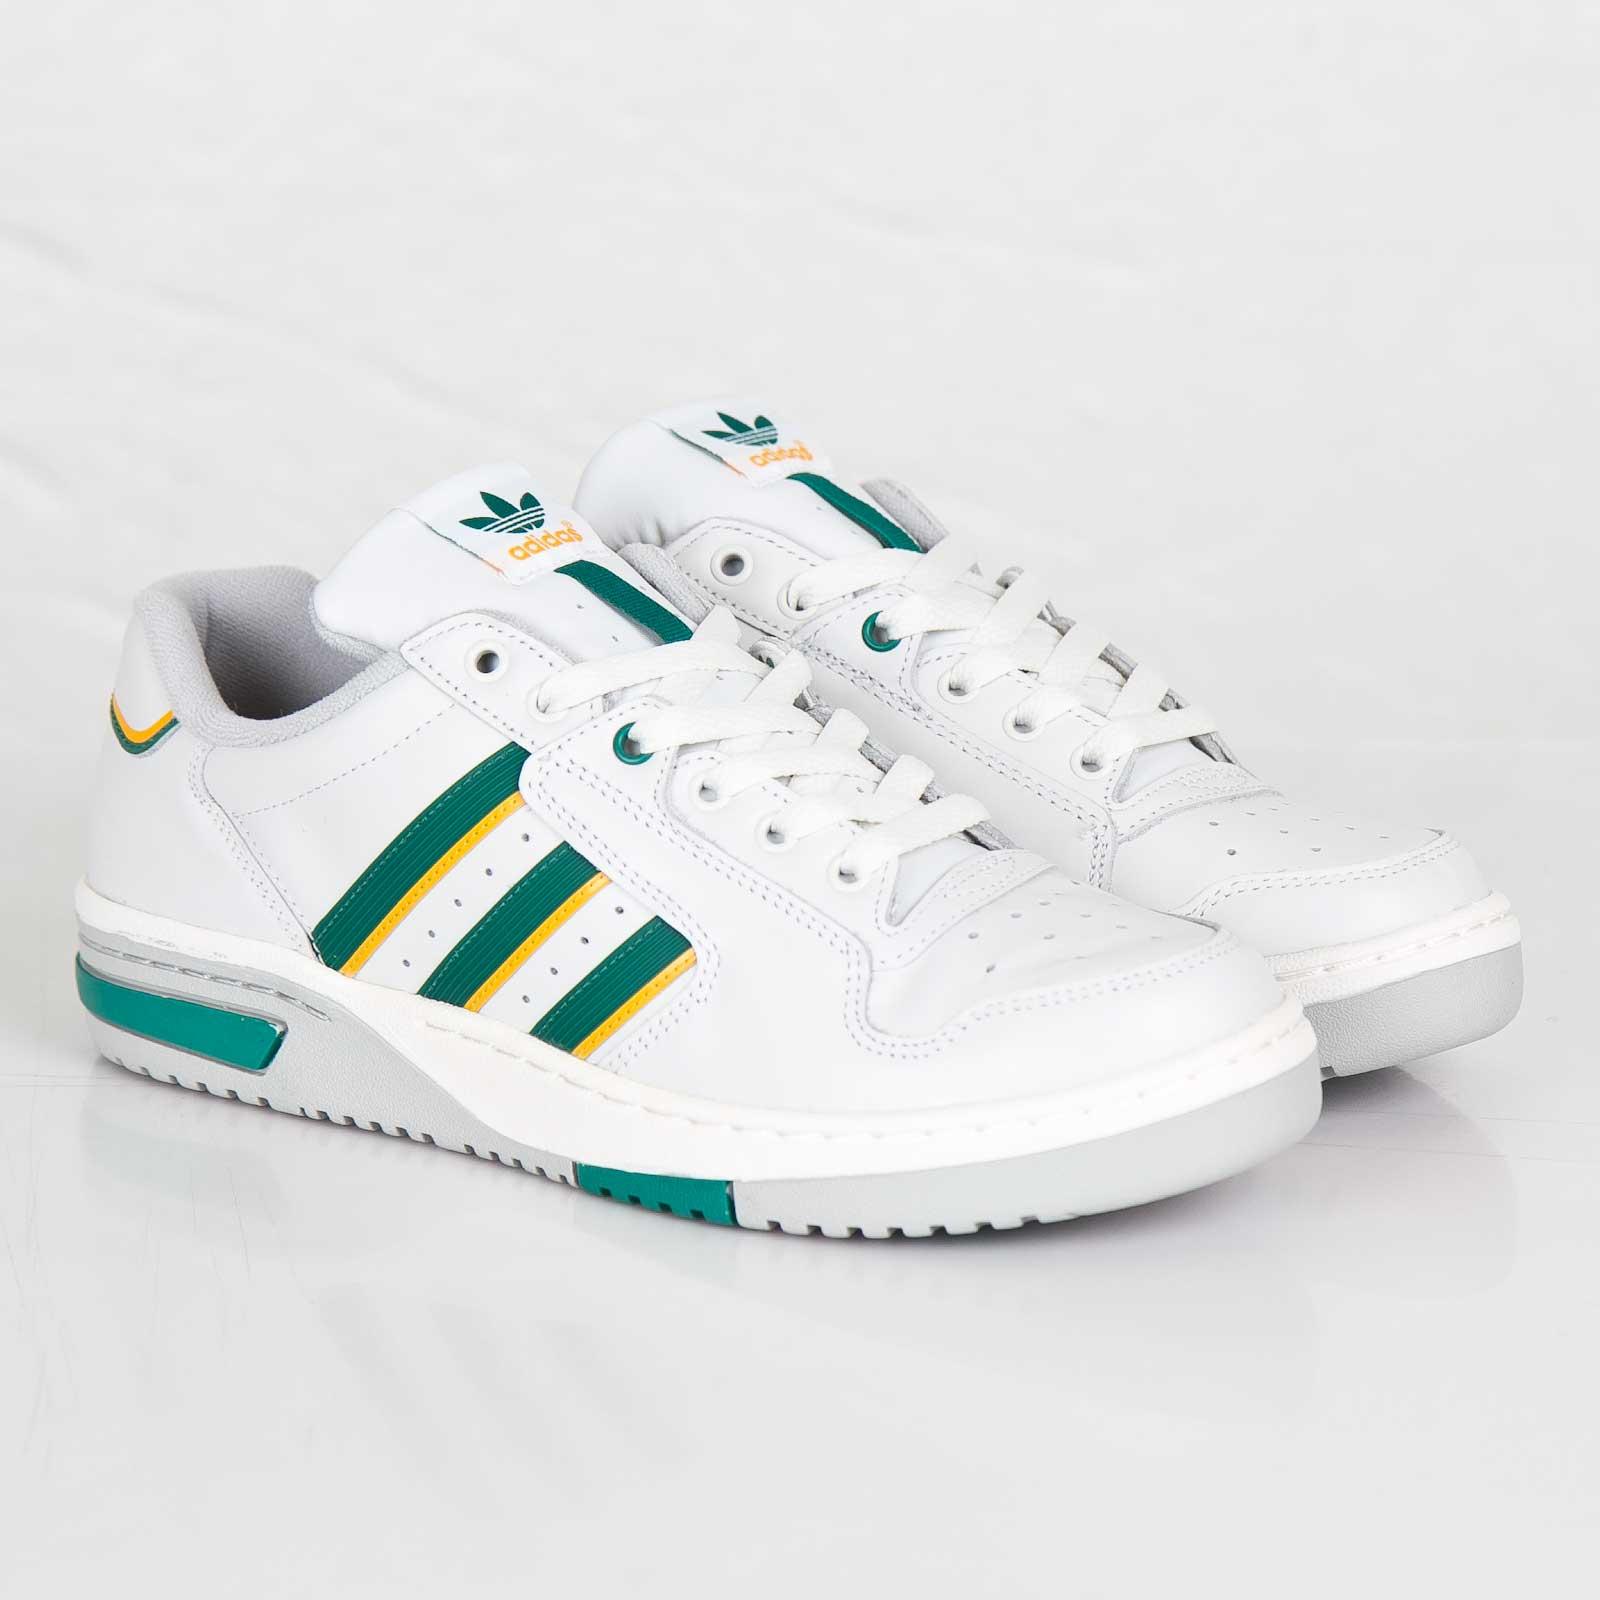 adidas Edberg 86 M21599 Sneakersnstuff | sneakers